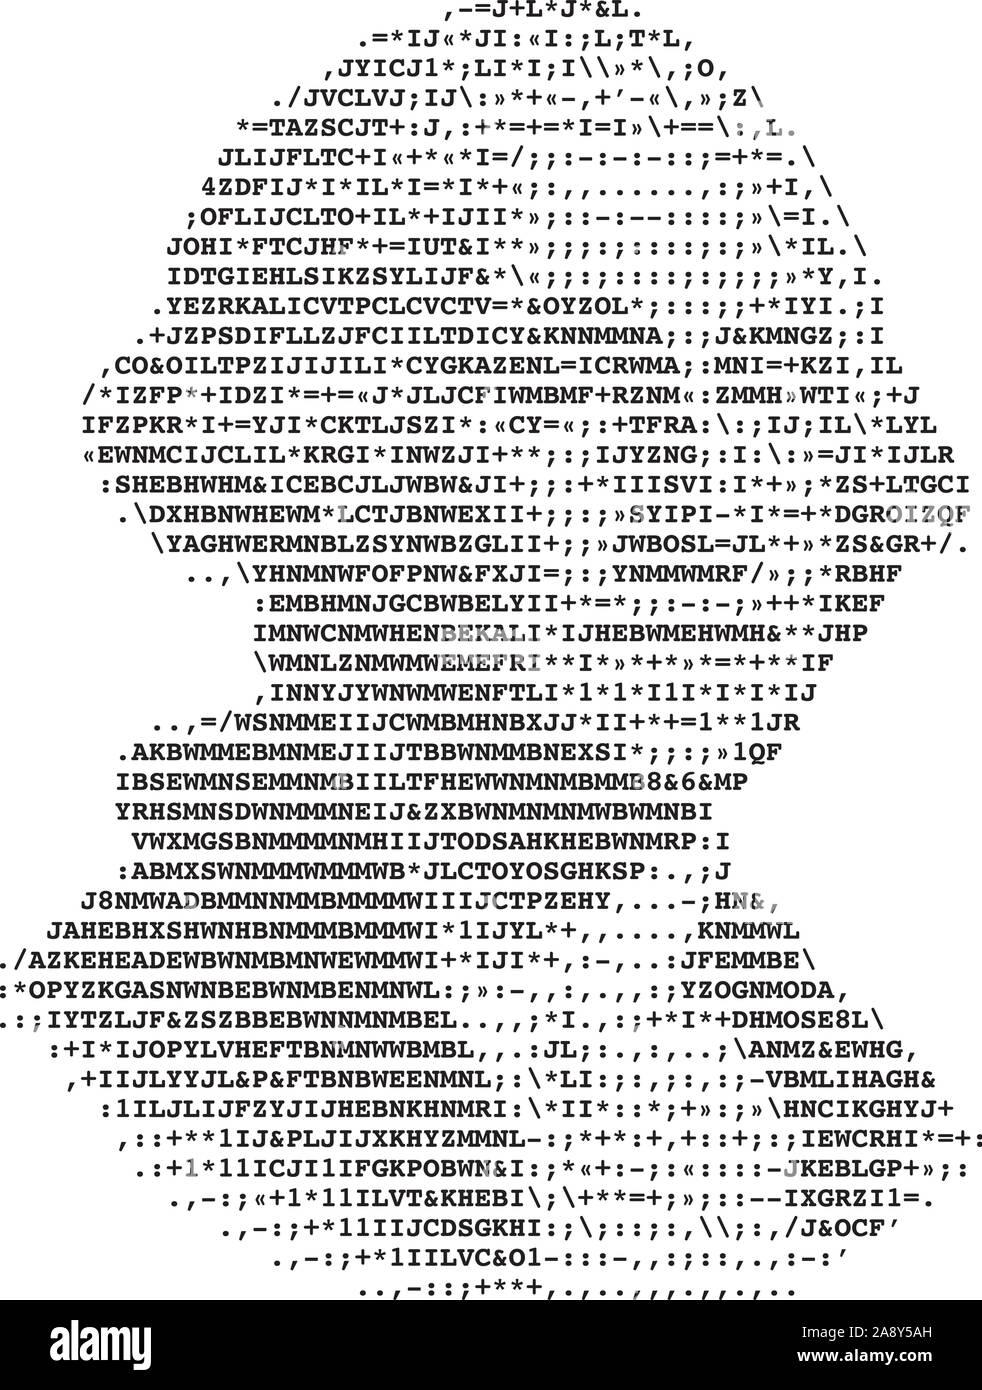 Name ascii art ASCII Art